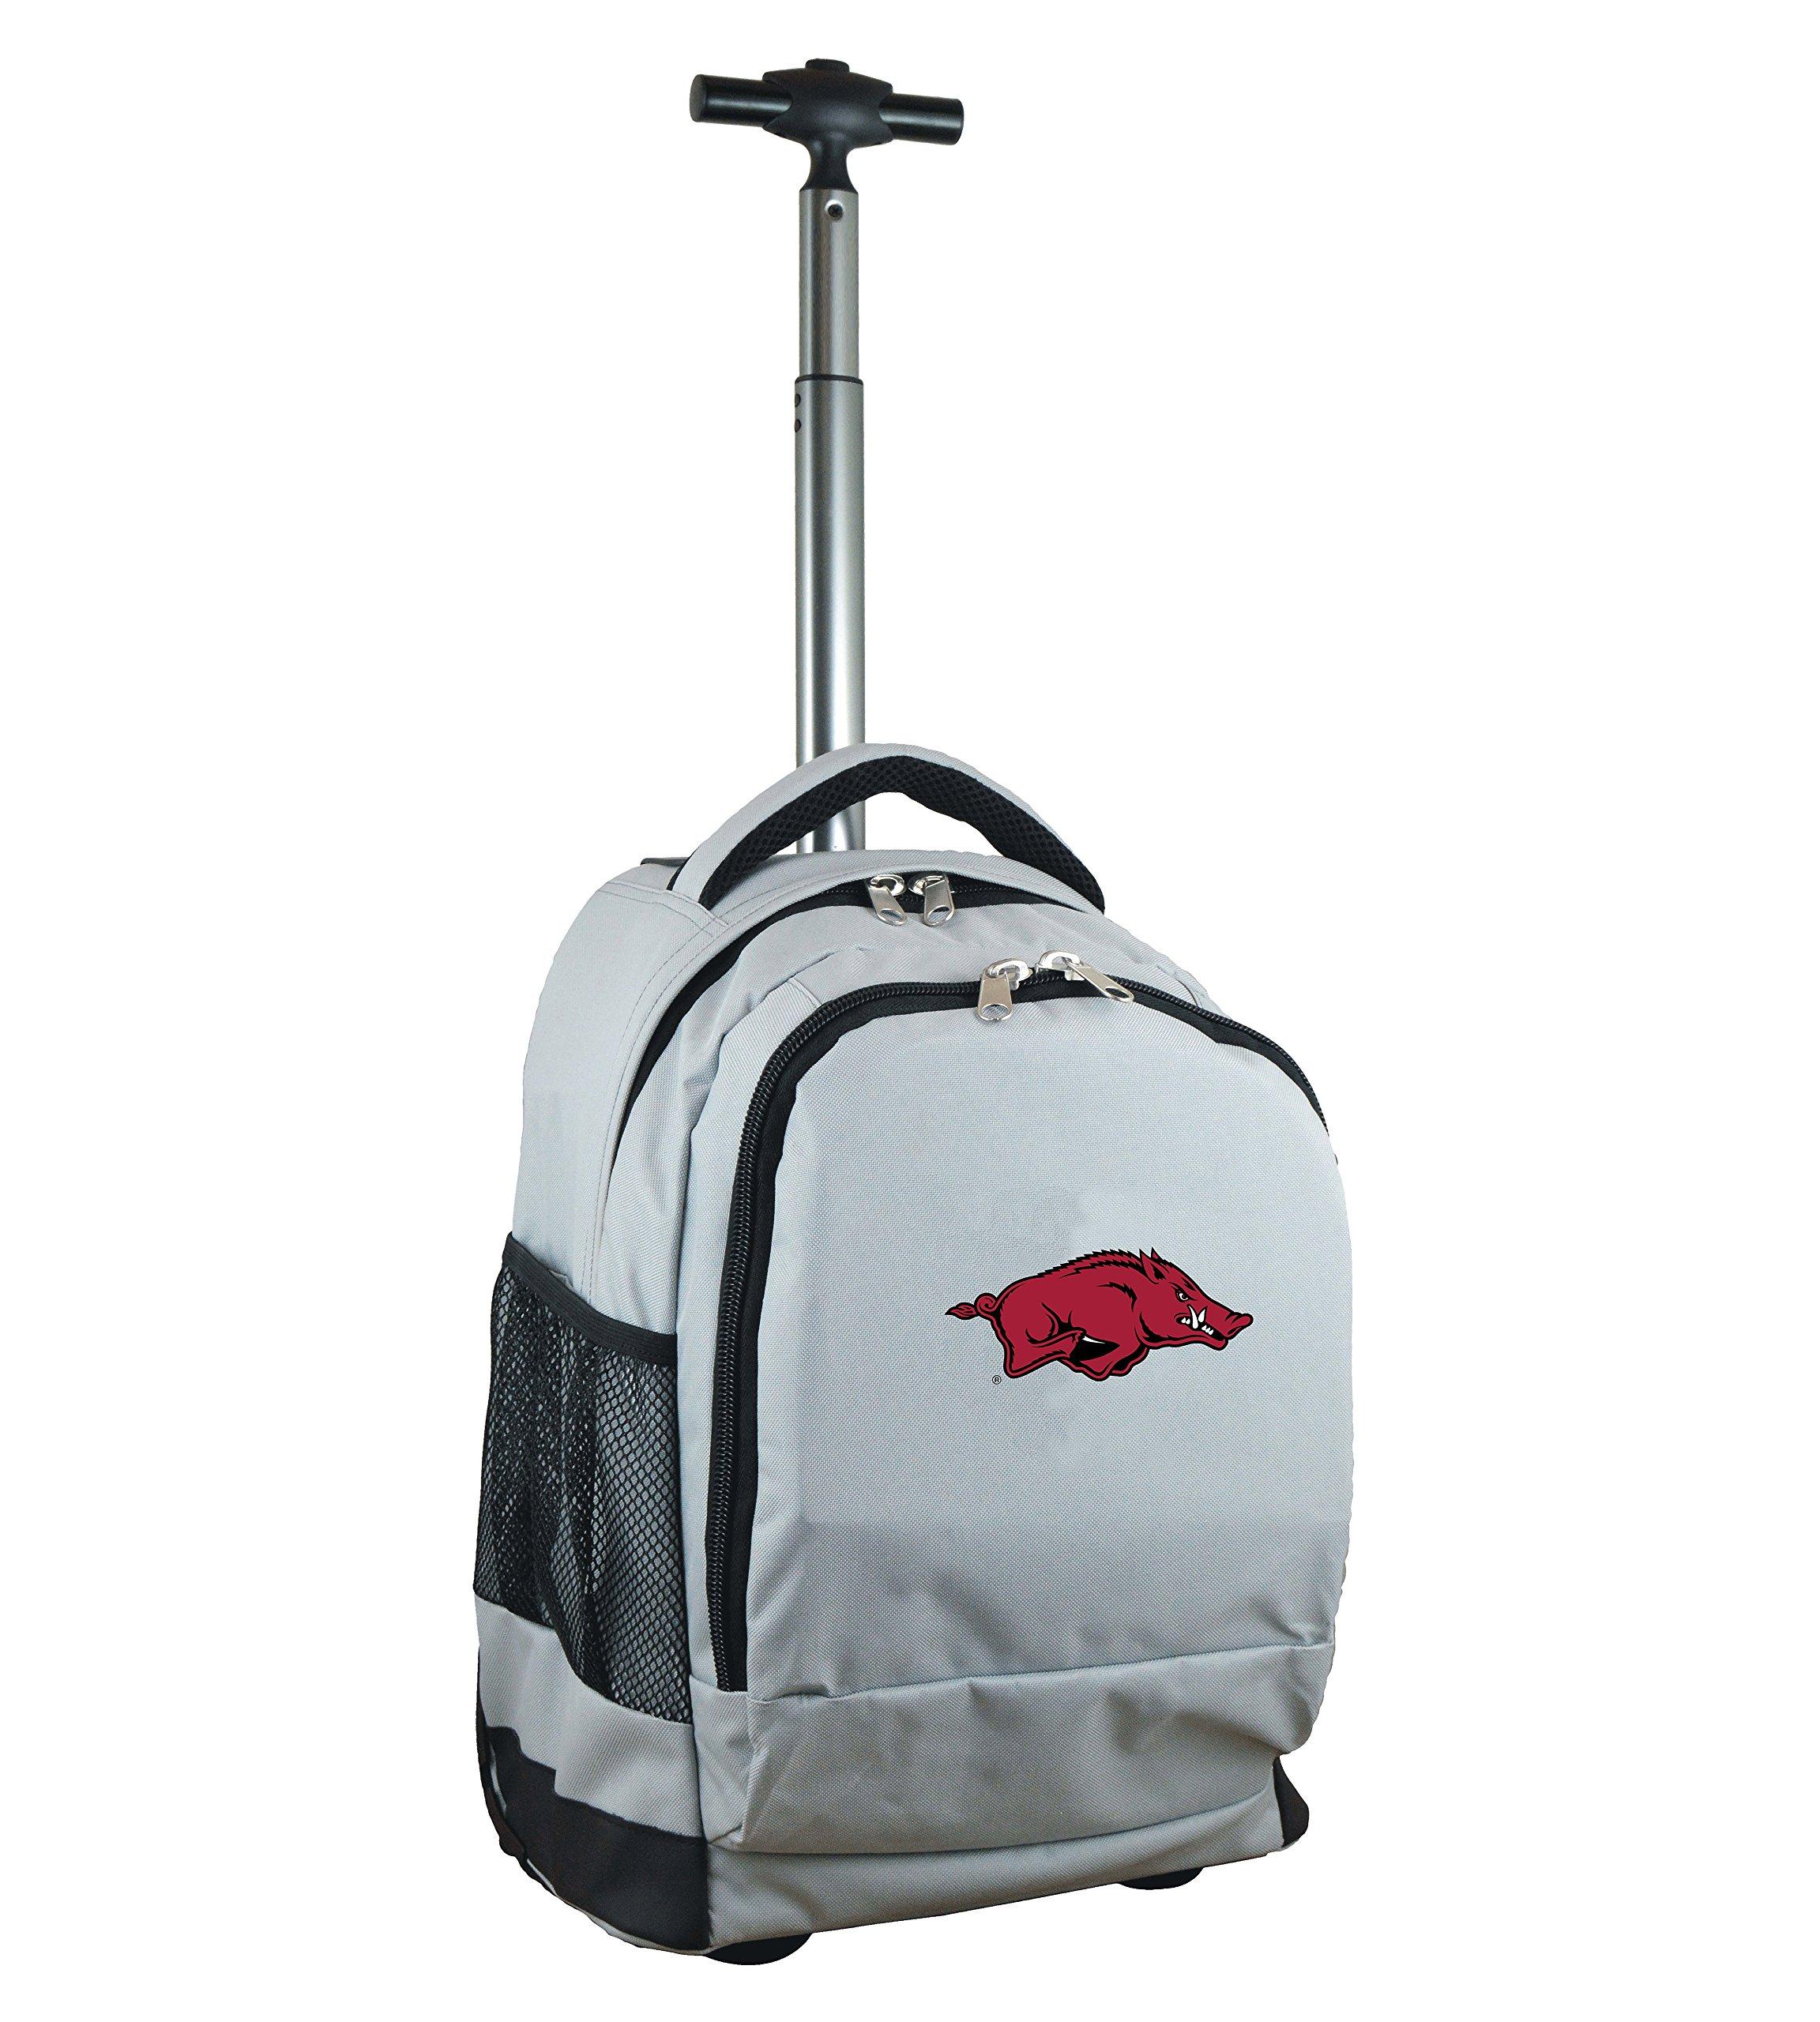 Denco NCAA Arkansas Razorbacks Expedition Wheeled Backpack, 19-inches, Grey